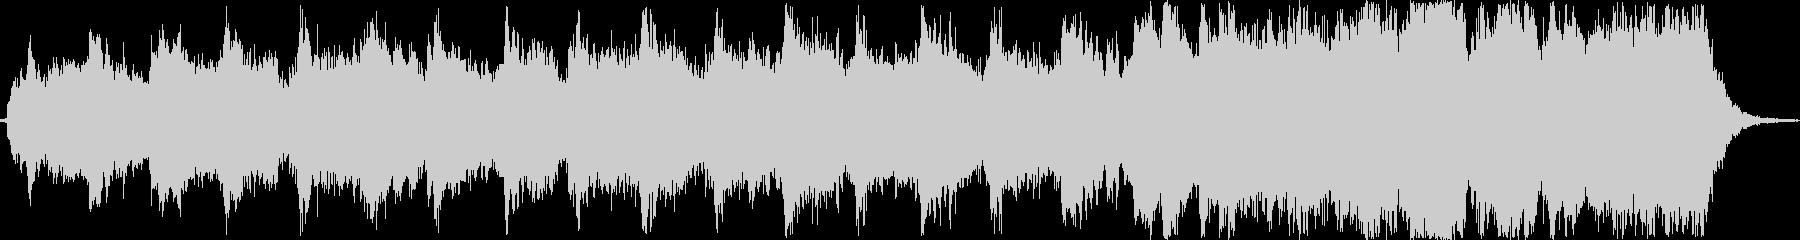 アジア風のシンセの幻想的な約1分の曲ですの未再生の波形